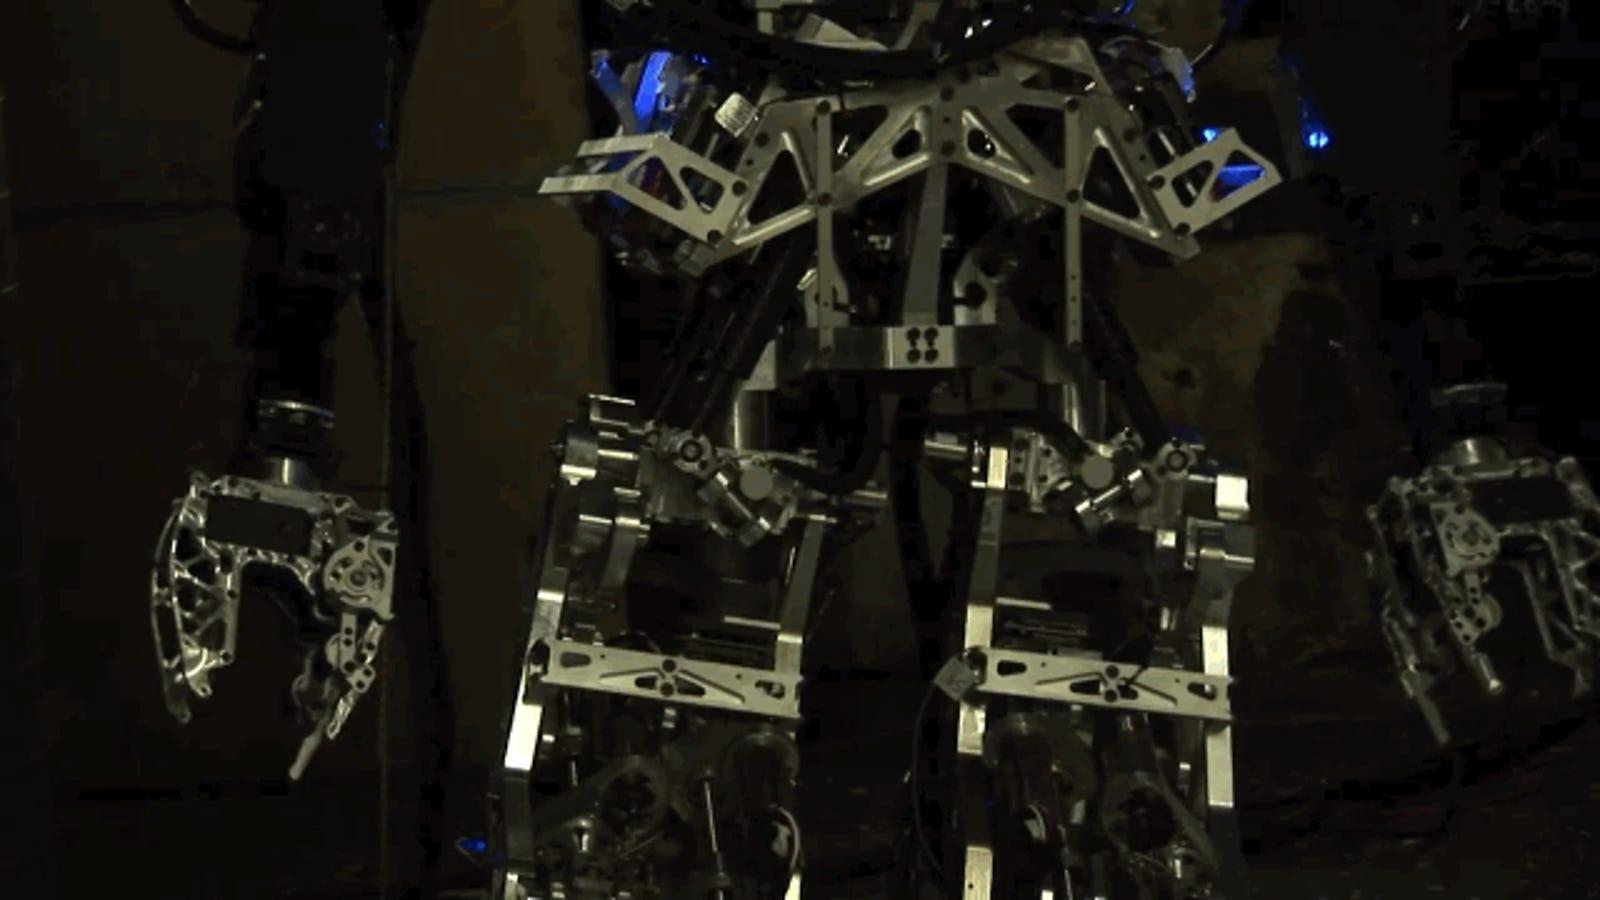 Este inquietante robot ayudará a apagar incendios en barcos militares